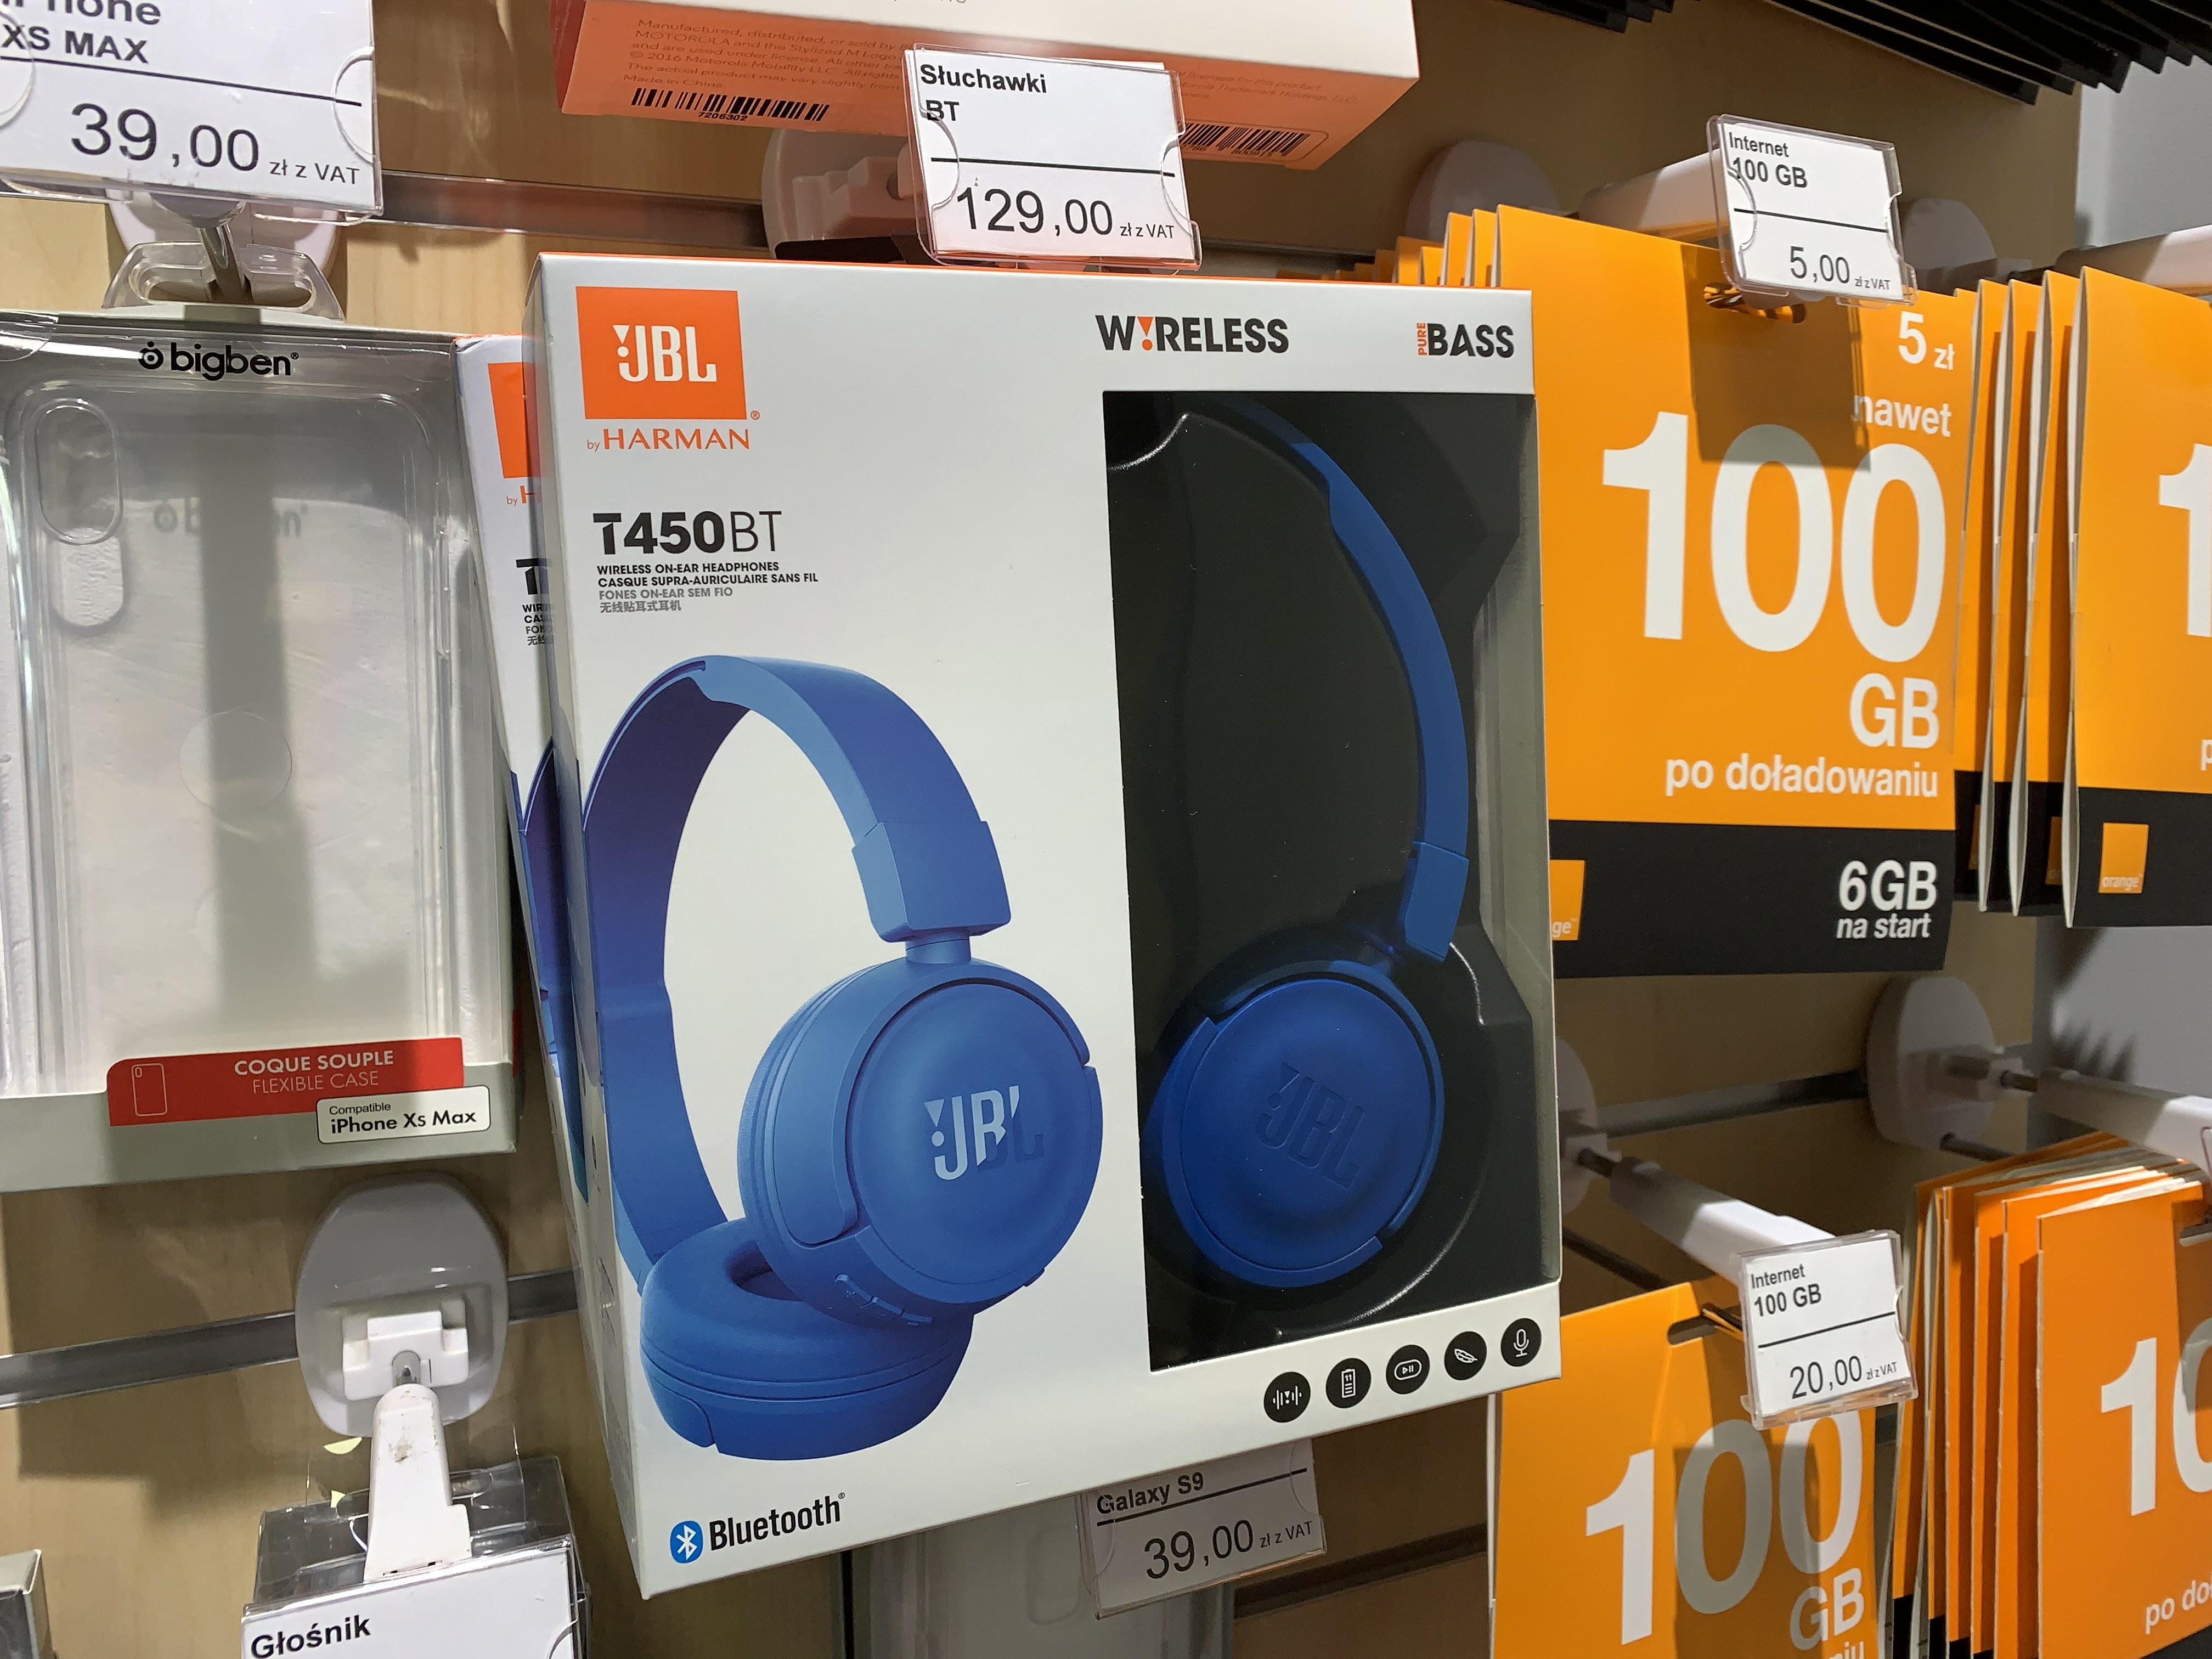 Słuchawki JBL T450BT w obniżonej cenie w Orange